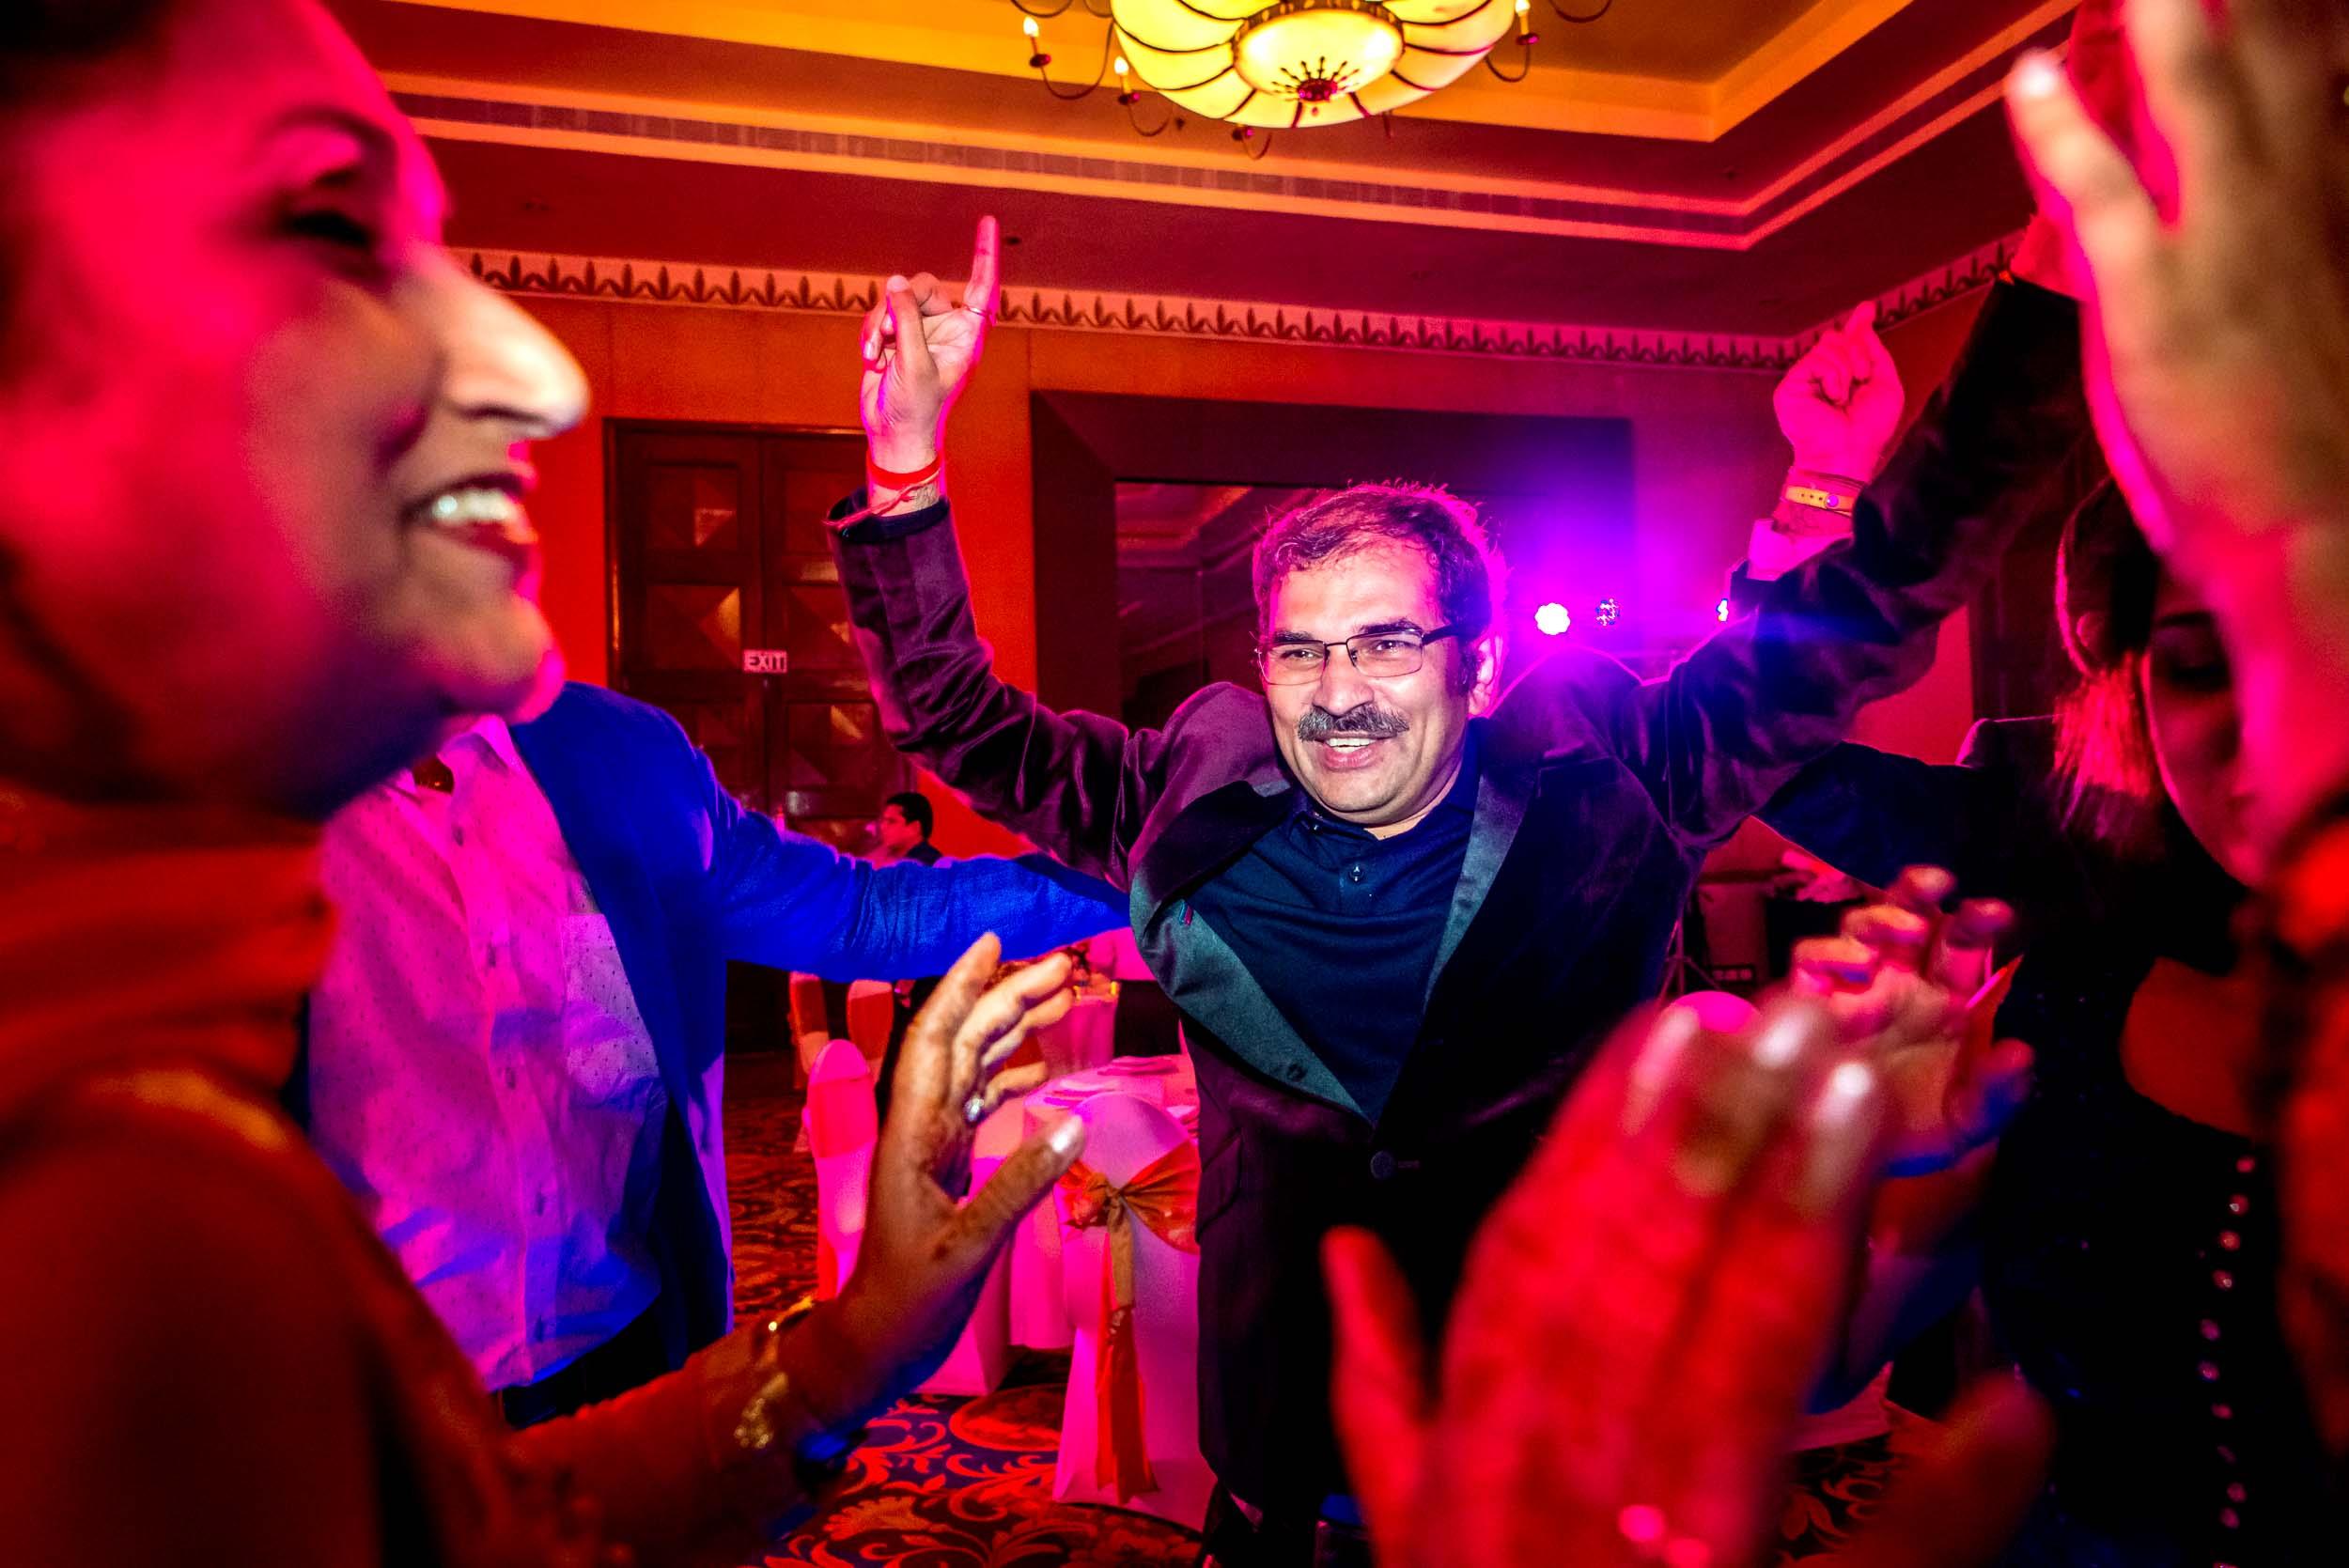 mumbai-pune-wedding-129.jpg